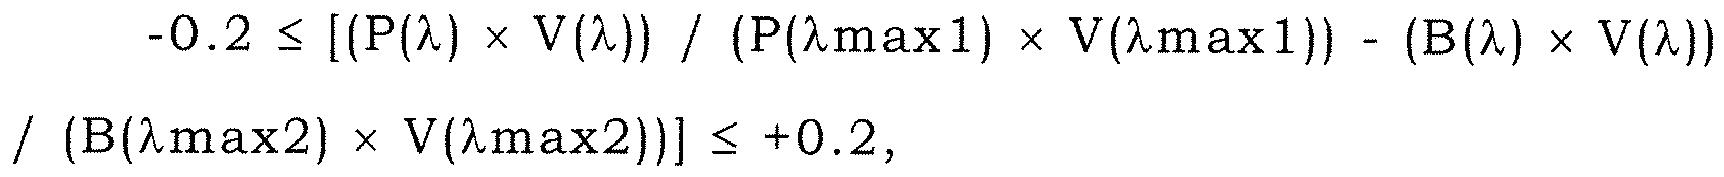 Figure imga0001